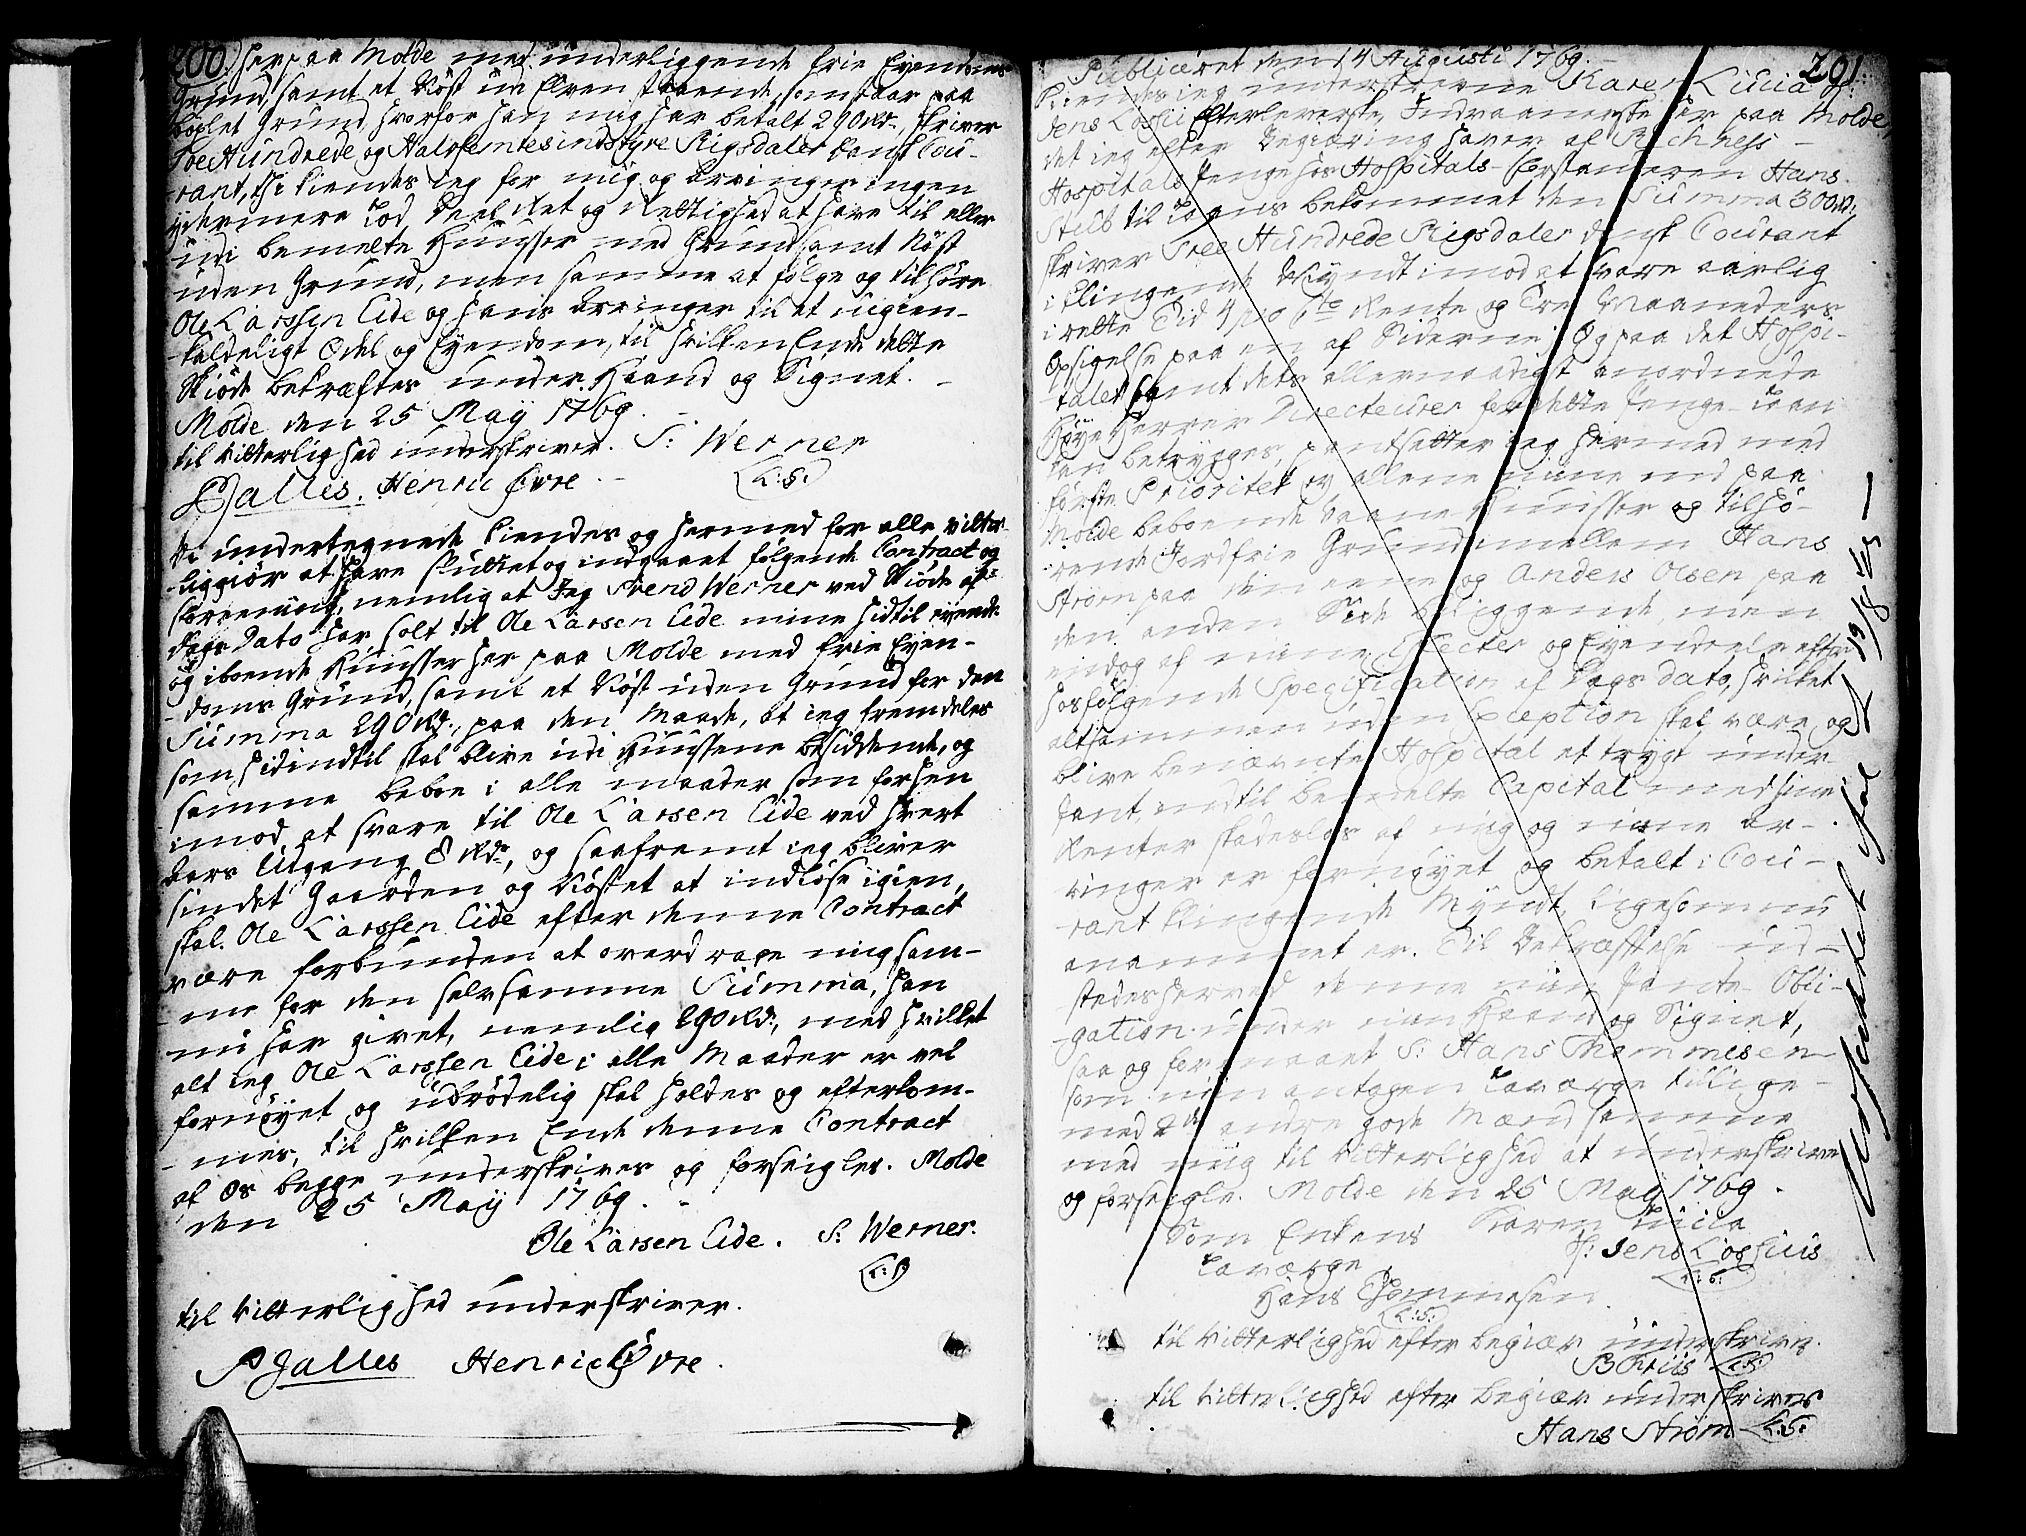 SAT, Molde byfogd, 2/2C/L0001: Pantebok nr. 1, 1748-1823, s. 200-201